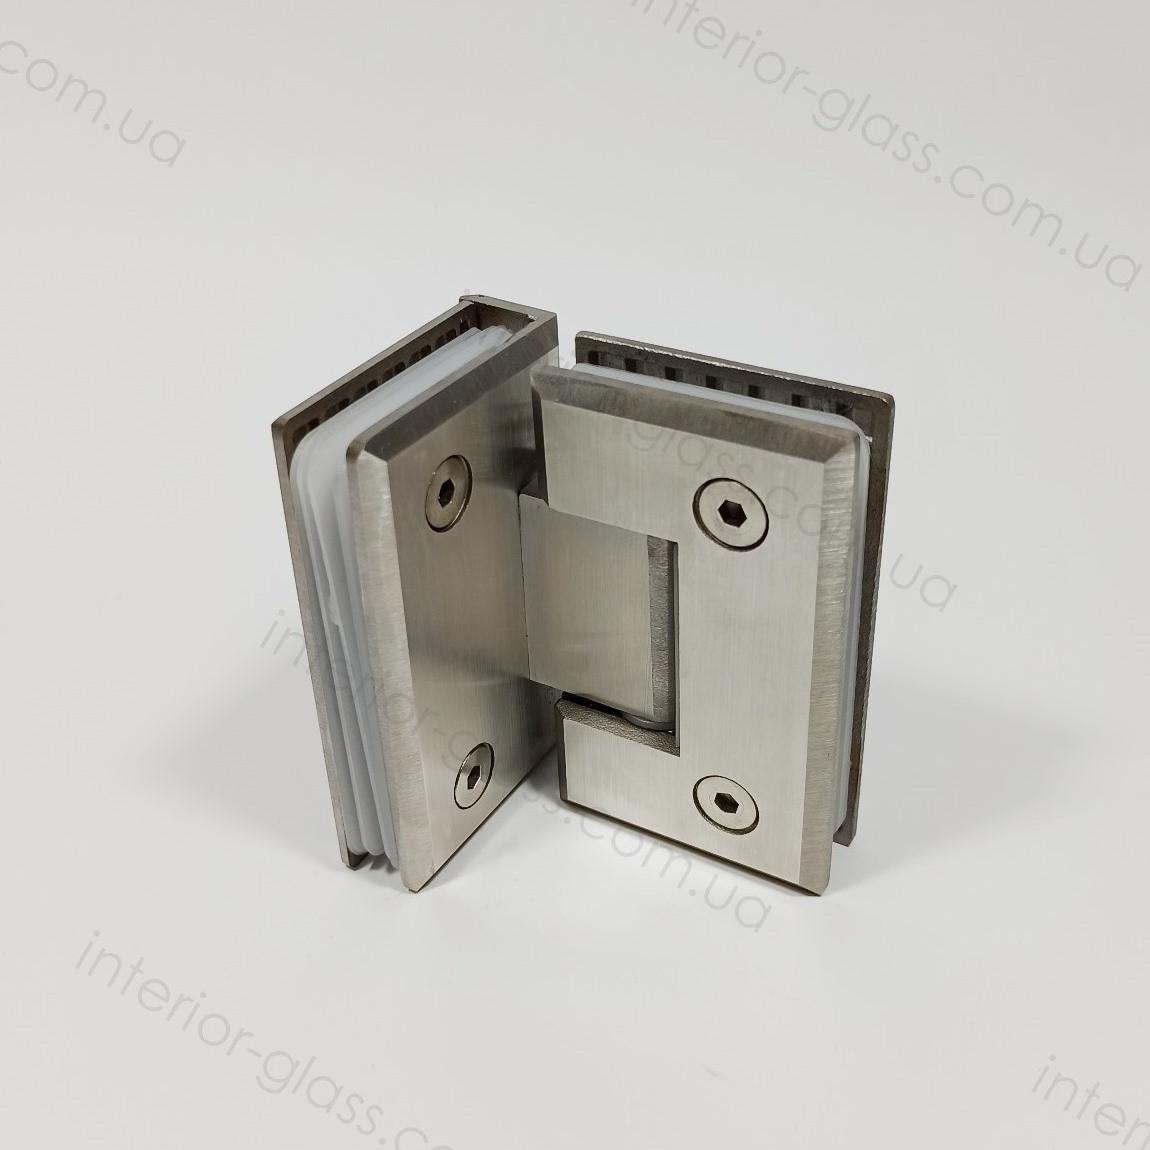 Петля душевая 90° стекло-стекло HDL-304 SSS матовая нержавеющая сталь